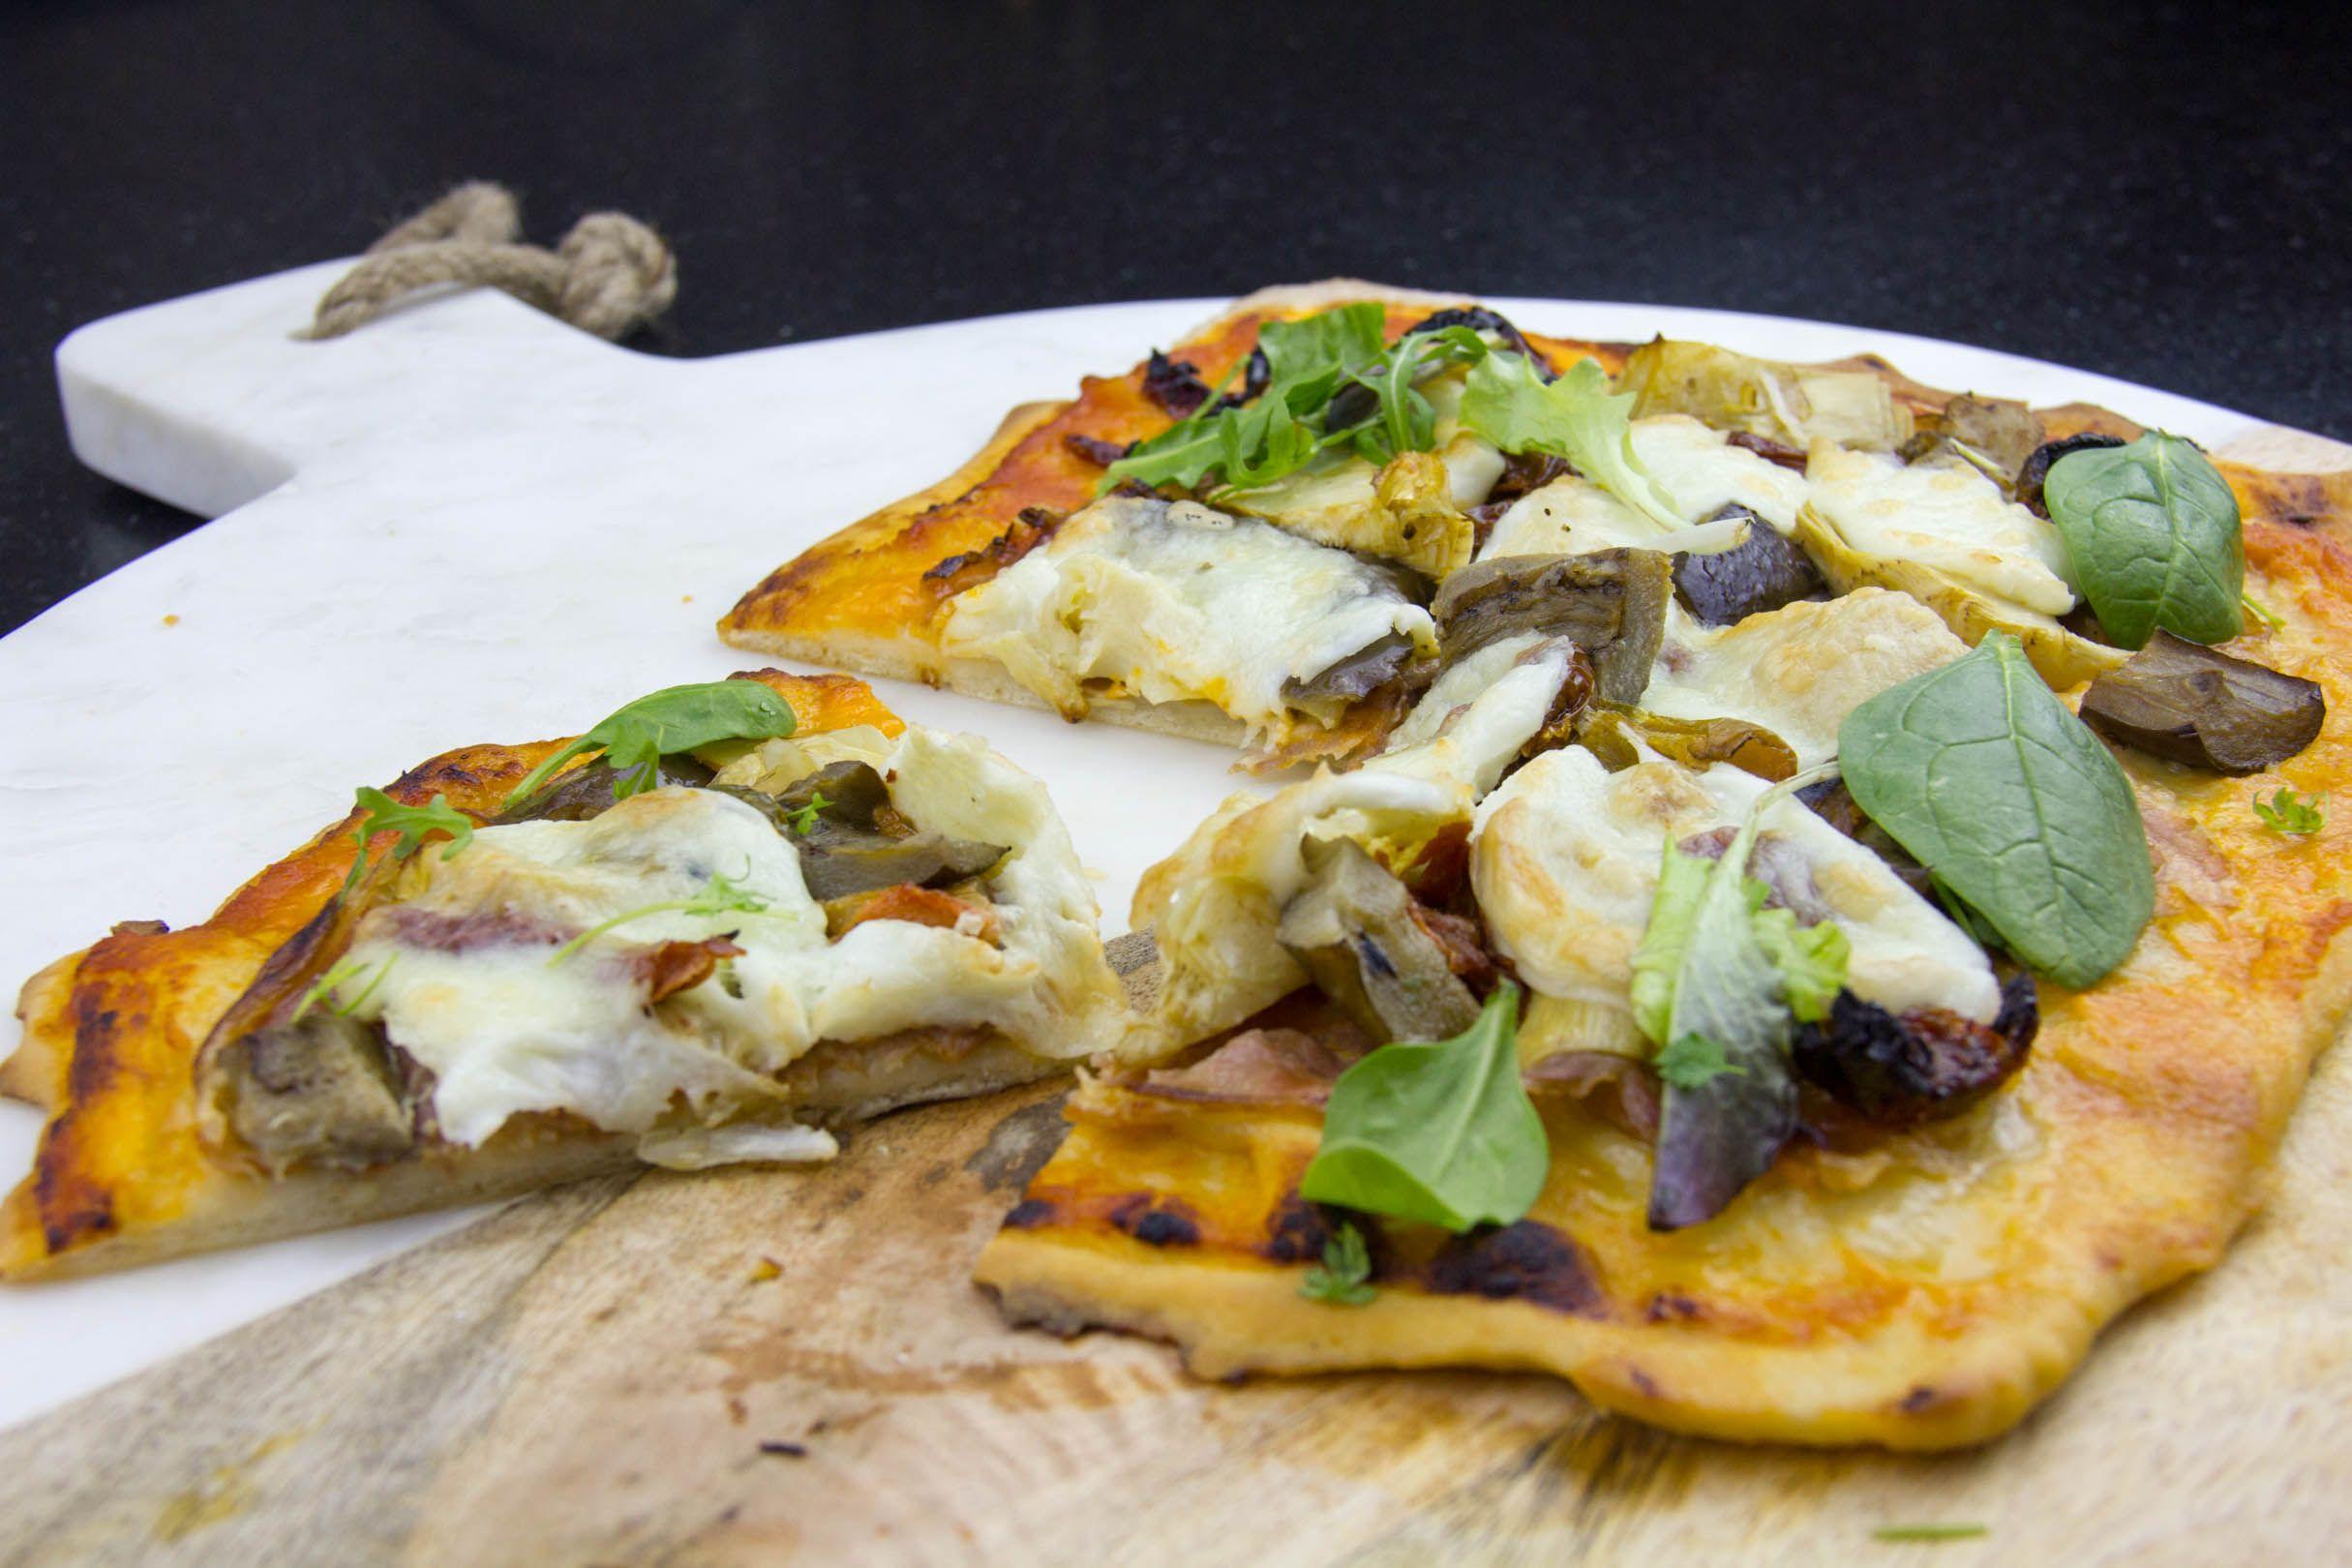 Le secret de la pizza c'est sa pâte...La réaliser n'est vraiment pas difficile et vous pourrez non seulement faire d'excellentes pizzas maison mais également de délicieux hot-dogs dont je vous donnerai le secret la semaine prochaine!  La garniture est à préparer selon votre goût: un